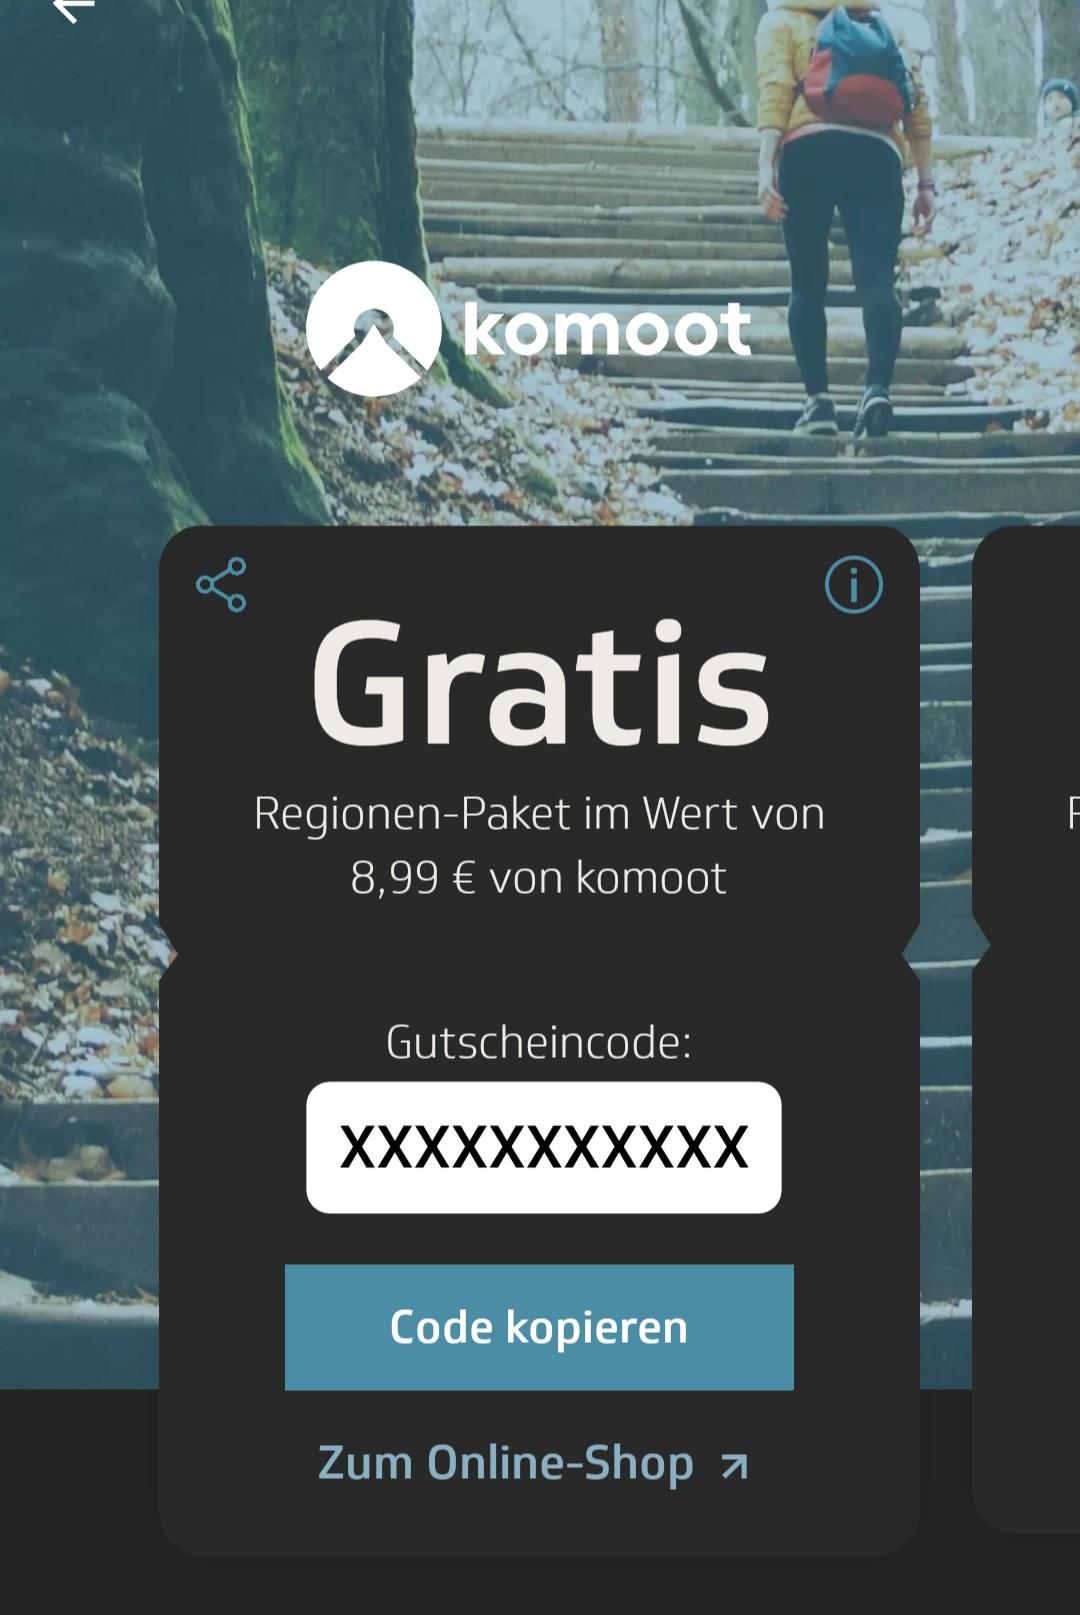 [Techniker Krankenkasse - TK App] Gratis Komoot Regionenpaket für 30 Tage je 7000 Schritte